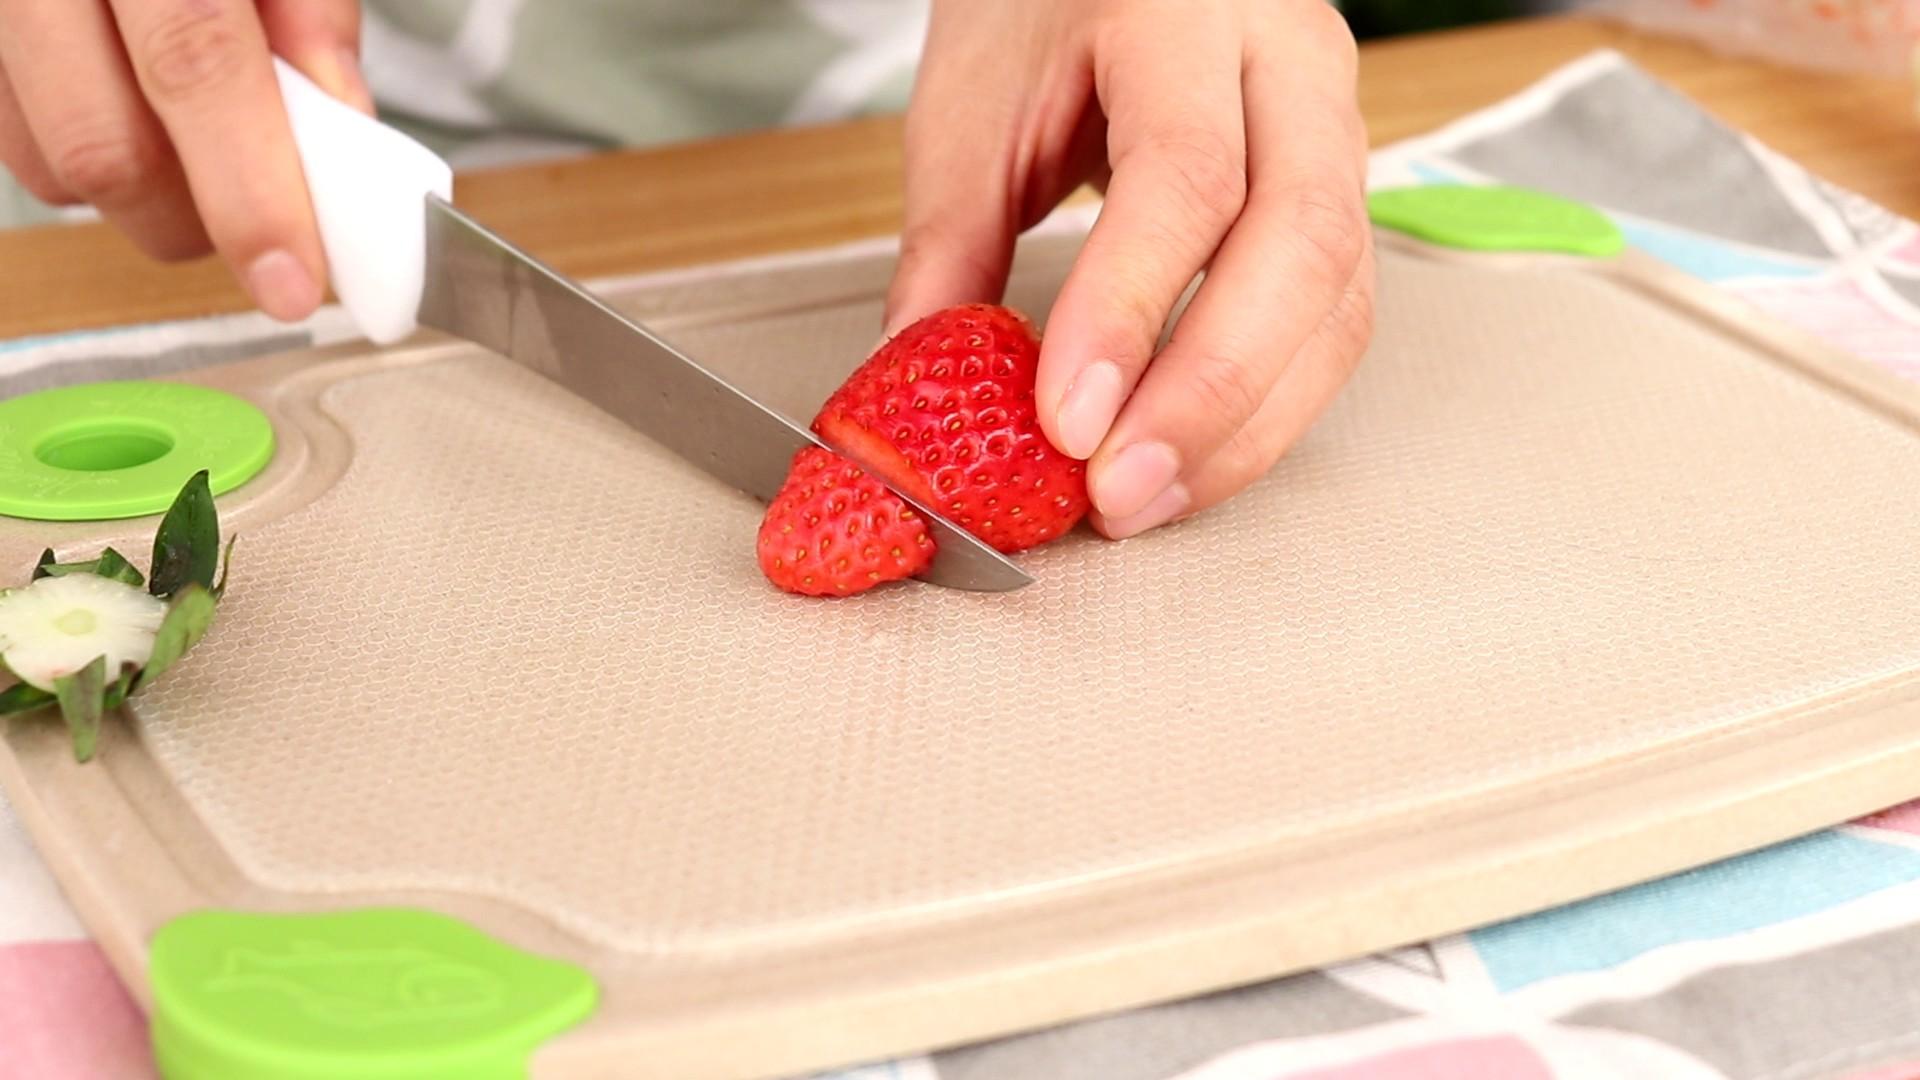 圣诞草莓蛋糕卷,蛋糕卷定型时,我们可以制作几个草莓圣诞老人,草莓去蒂,切掉头部</p> <p>